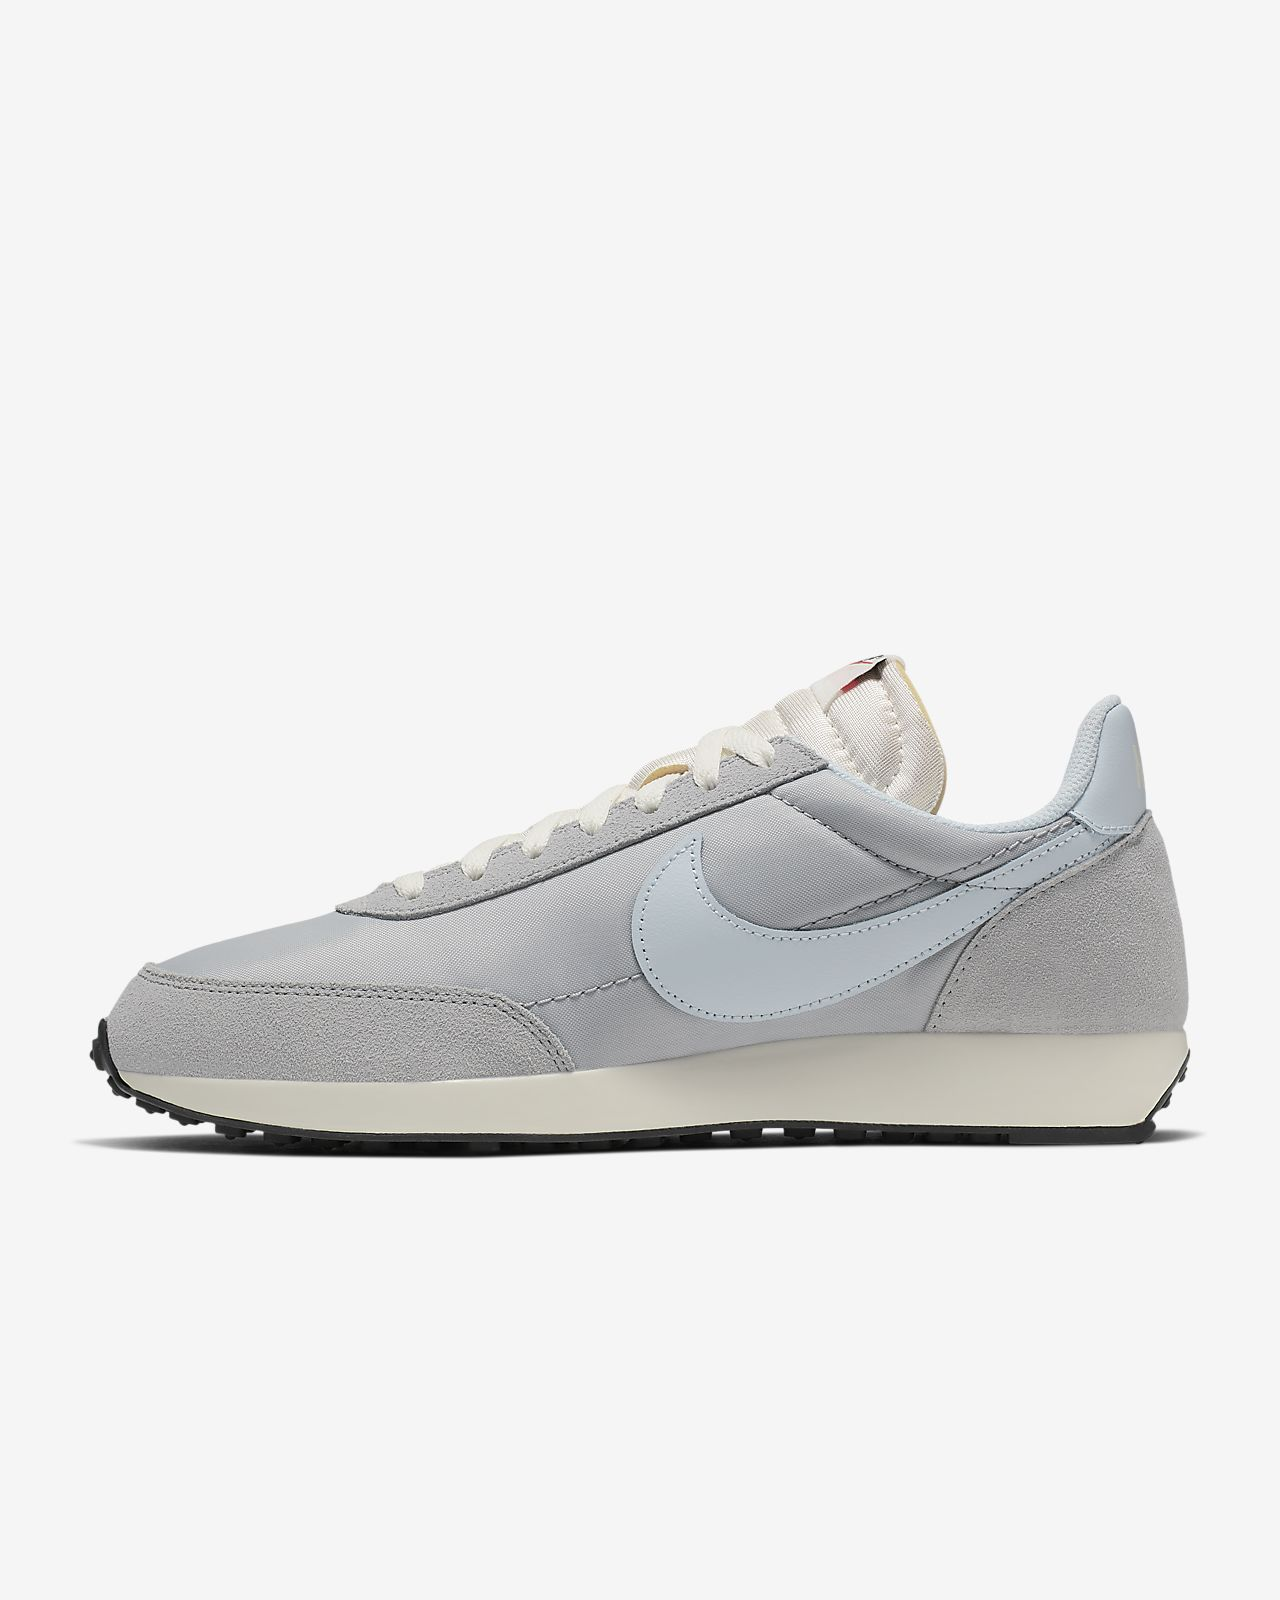 Nike Air Tailwind 79-sko